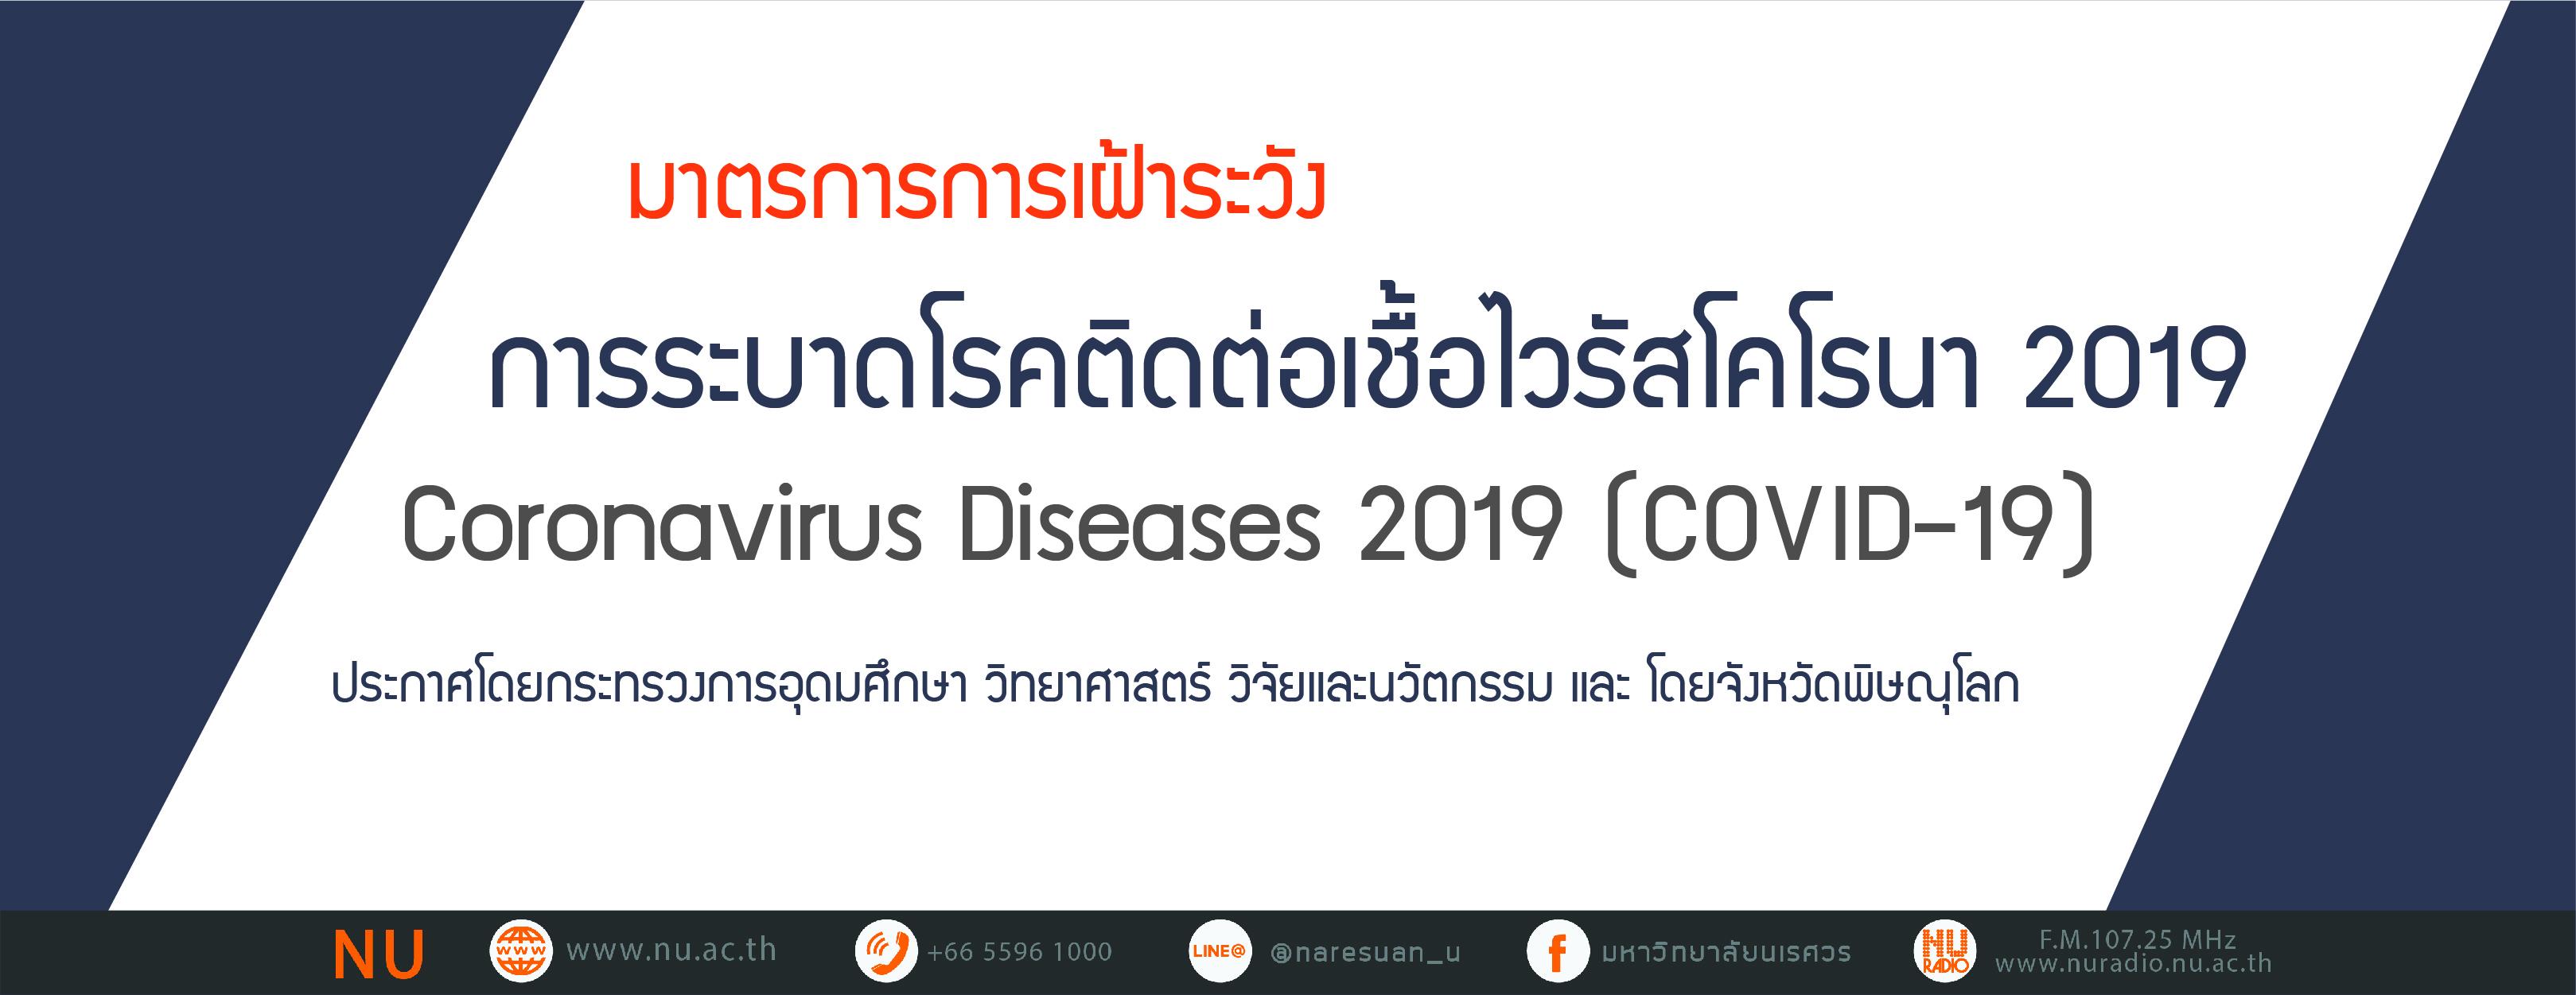 มาตรการการเฝ้าระวังการระบาดโรคติดต่อเชื้อไวรัสโคโรนา 2019 (COVID-19)